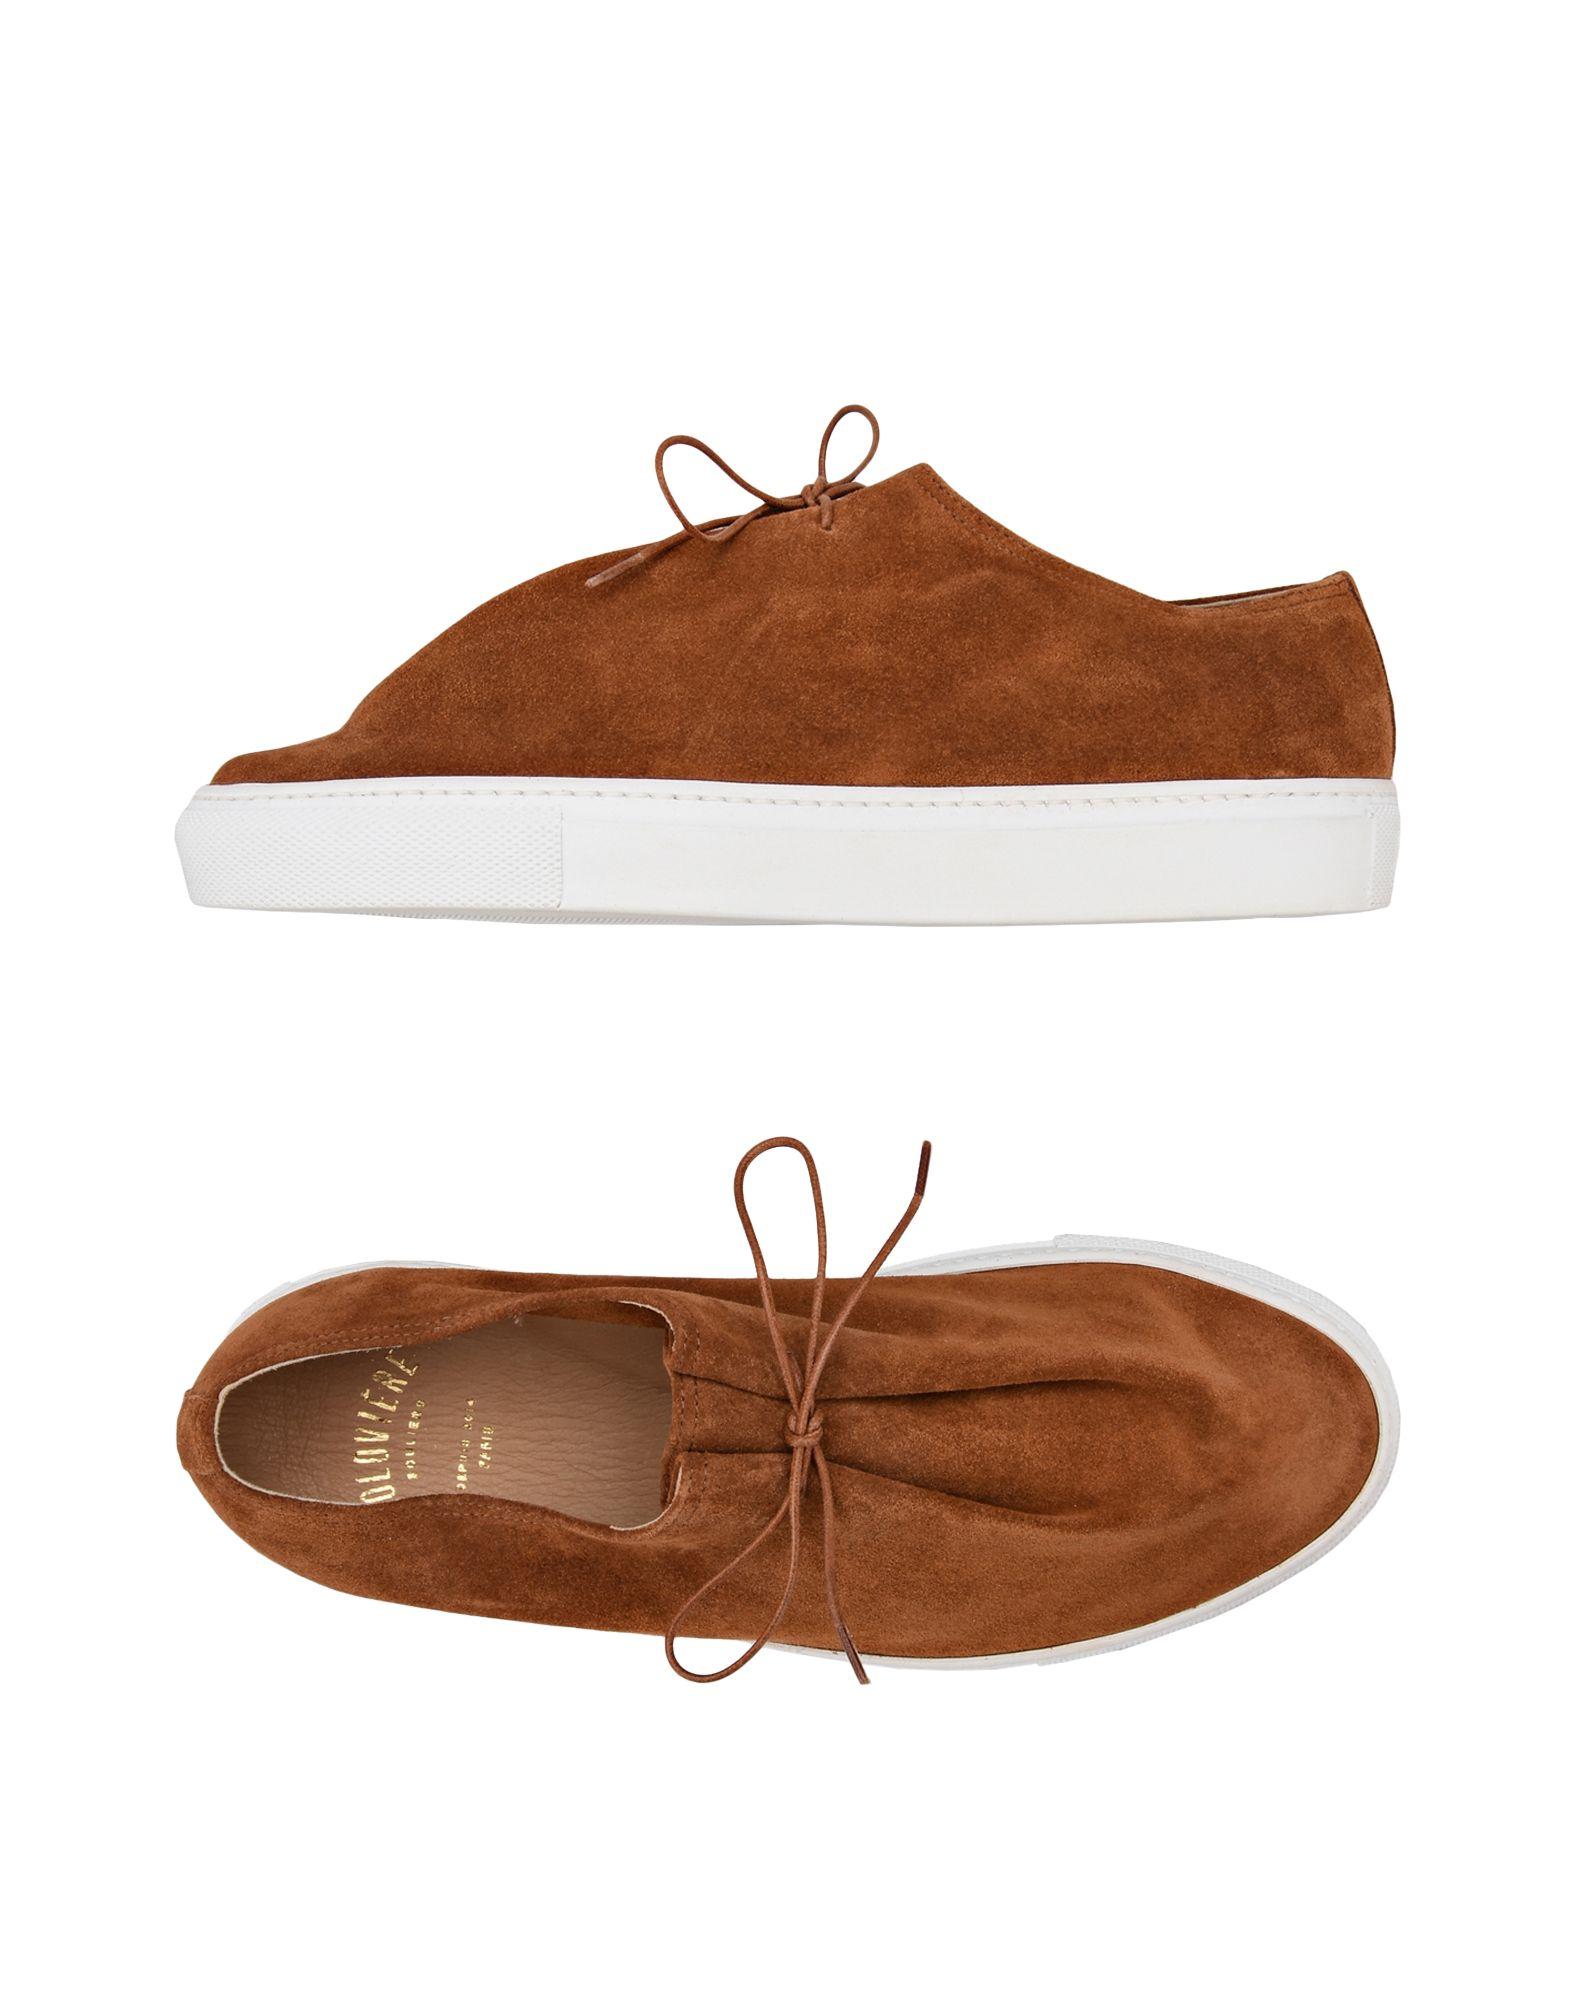 Nuevos zapatos para hombres y mujeres, descuento por tiempo tiempo tiempo limitado Zapatillas Solovière  Paris Mujer - Zapatillas Solovière  Paris  Marrón 3414f6